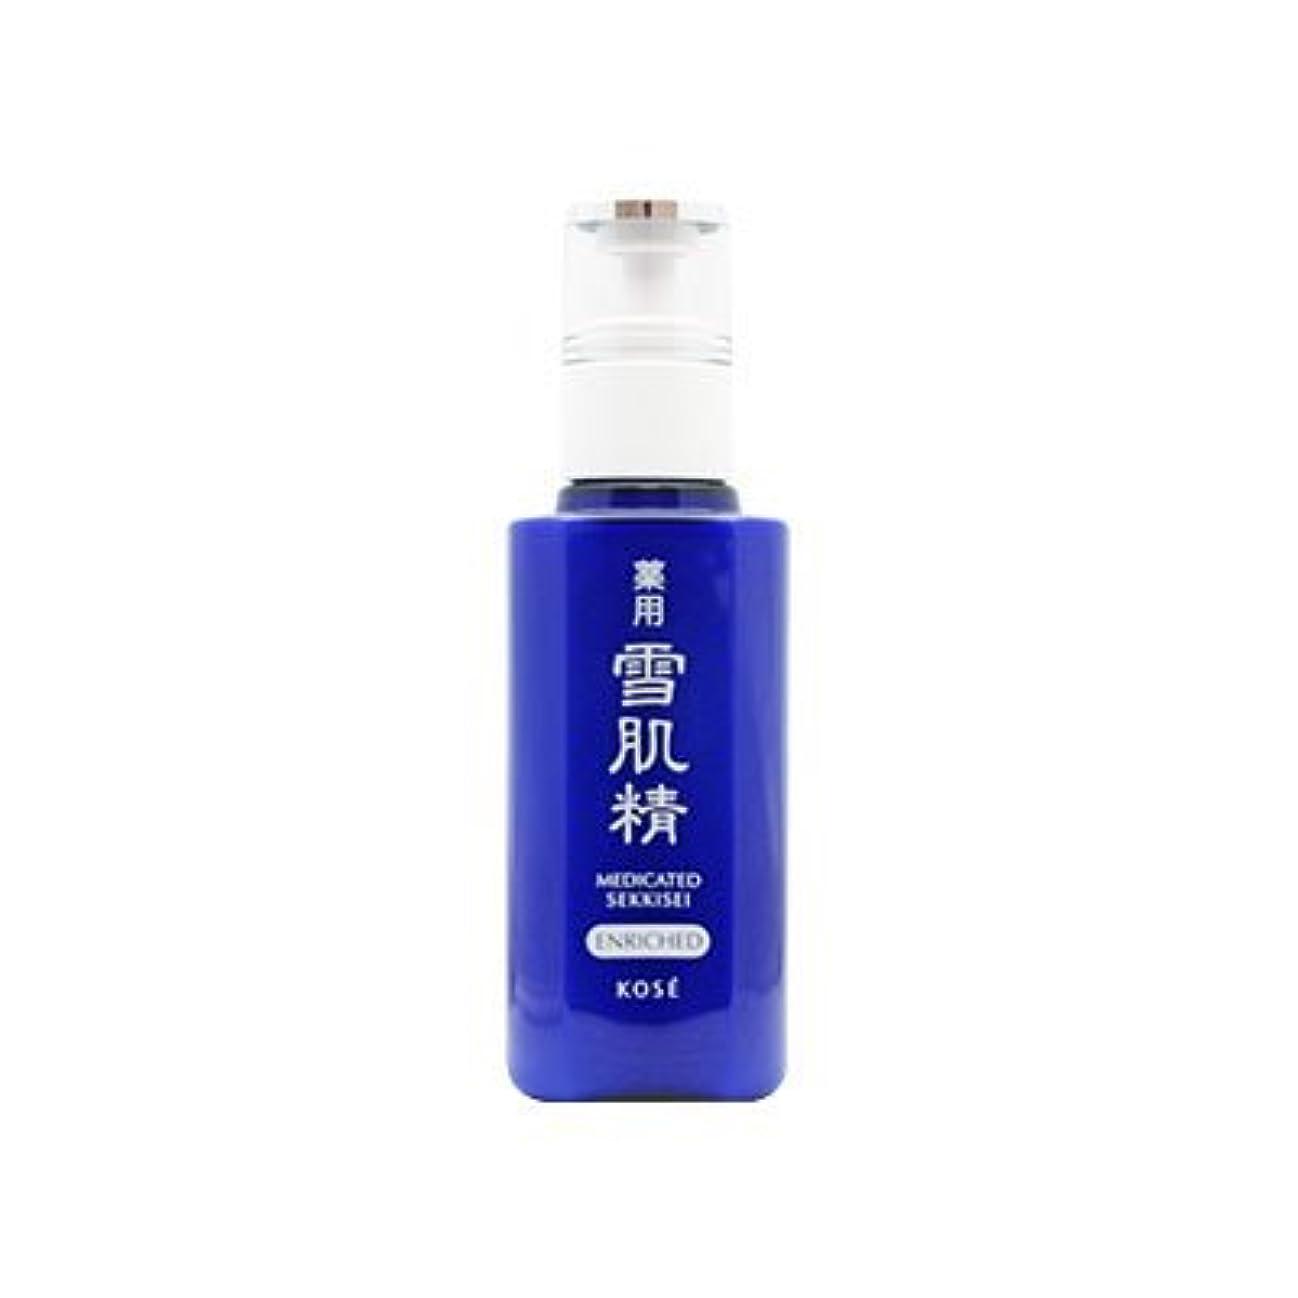 貪欲スナッチアンペアコーセー(KOSE) 薬用 雪肌精 乳液 140ml[並行輸入品]